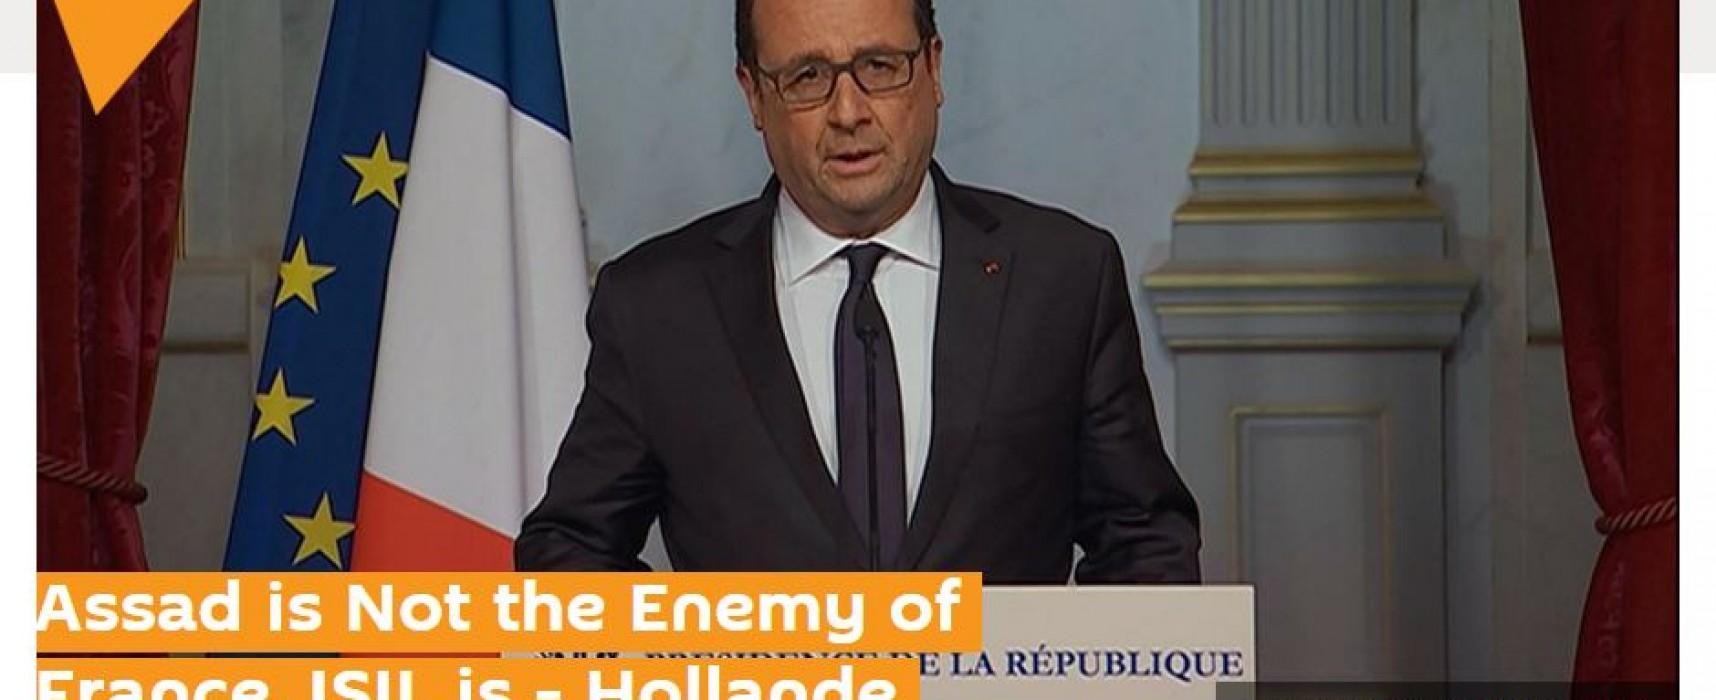 Российские информагентства исказили слова Франсуа Олланда об Асаде